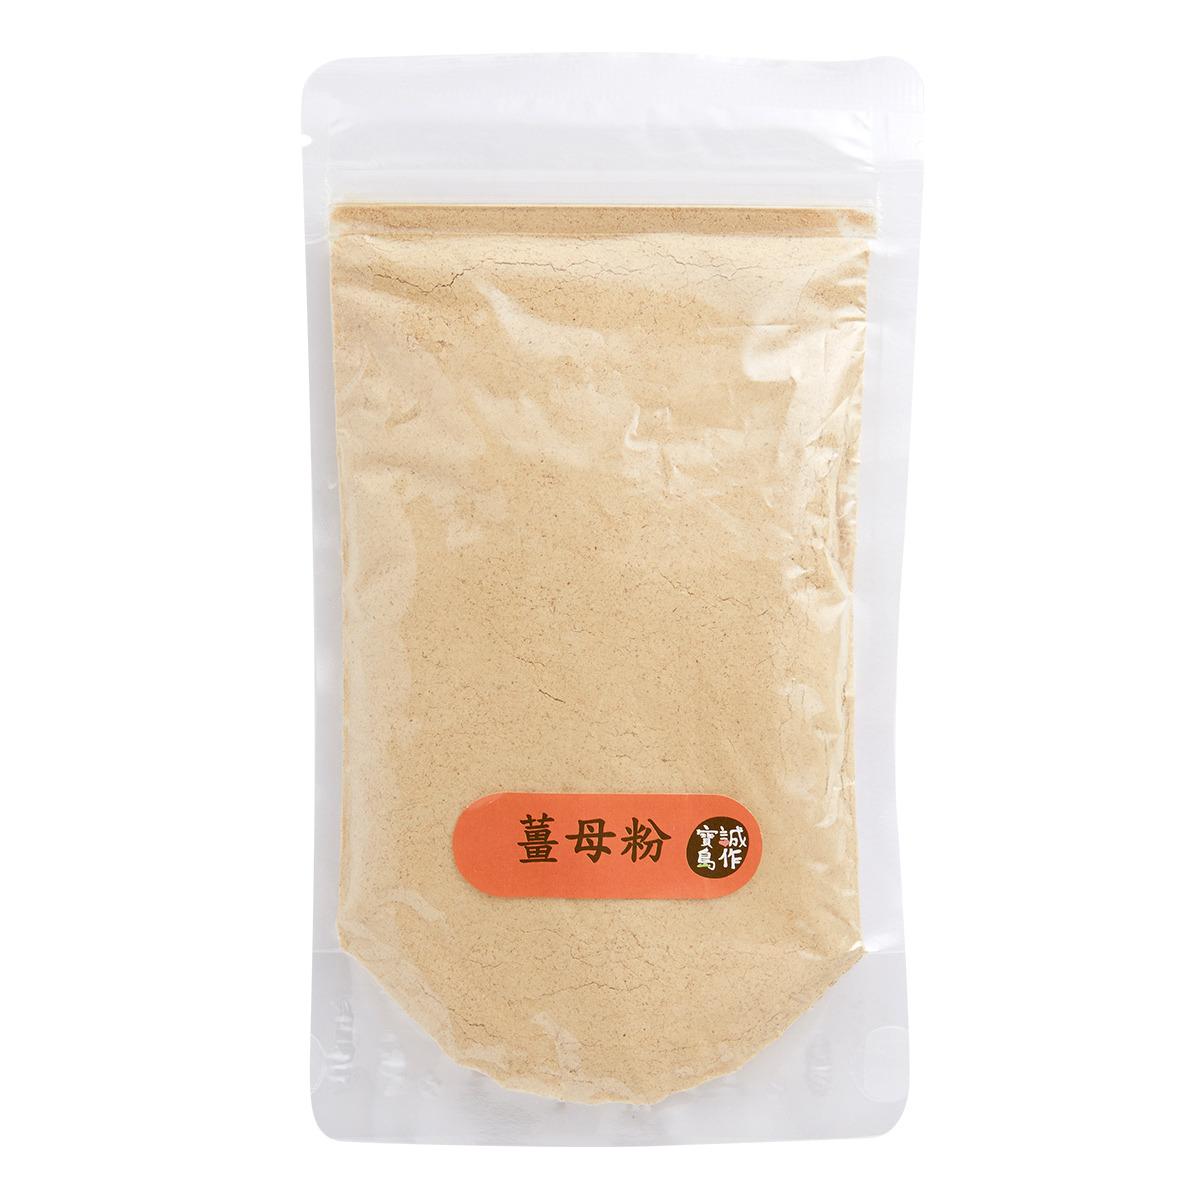 薑母粉x2包